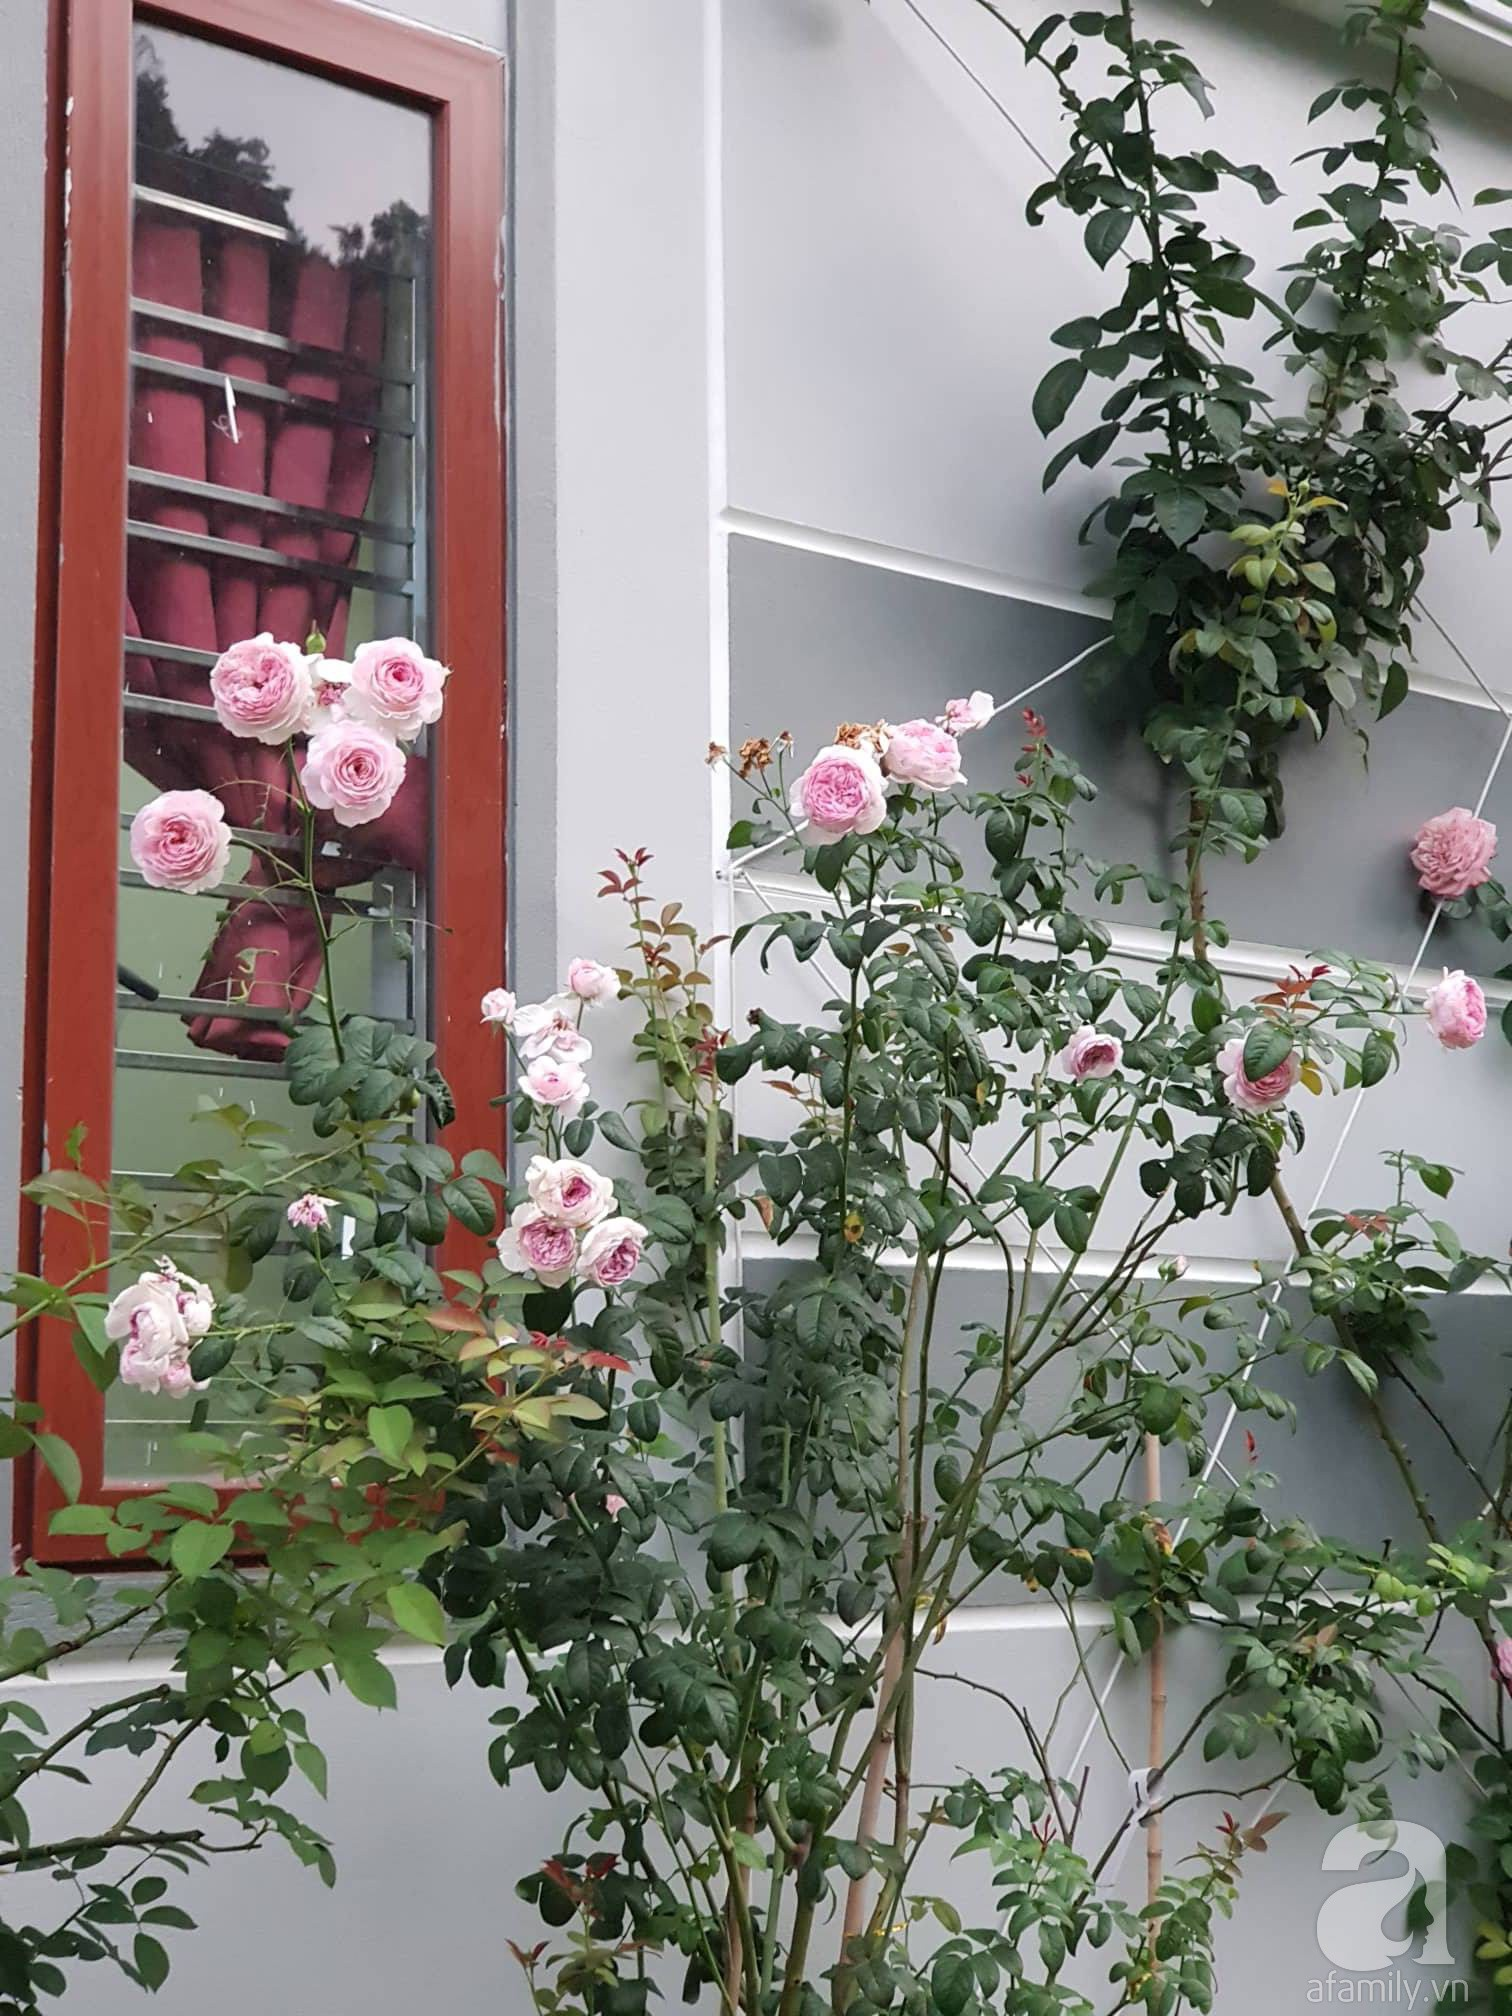 Ngôi nhà hoa hồng thơm ngát và rực rỡ với hàng trăm gốc hồng trên triền núi của cô giáo ở Cao Bằng - Ảnh 12.